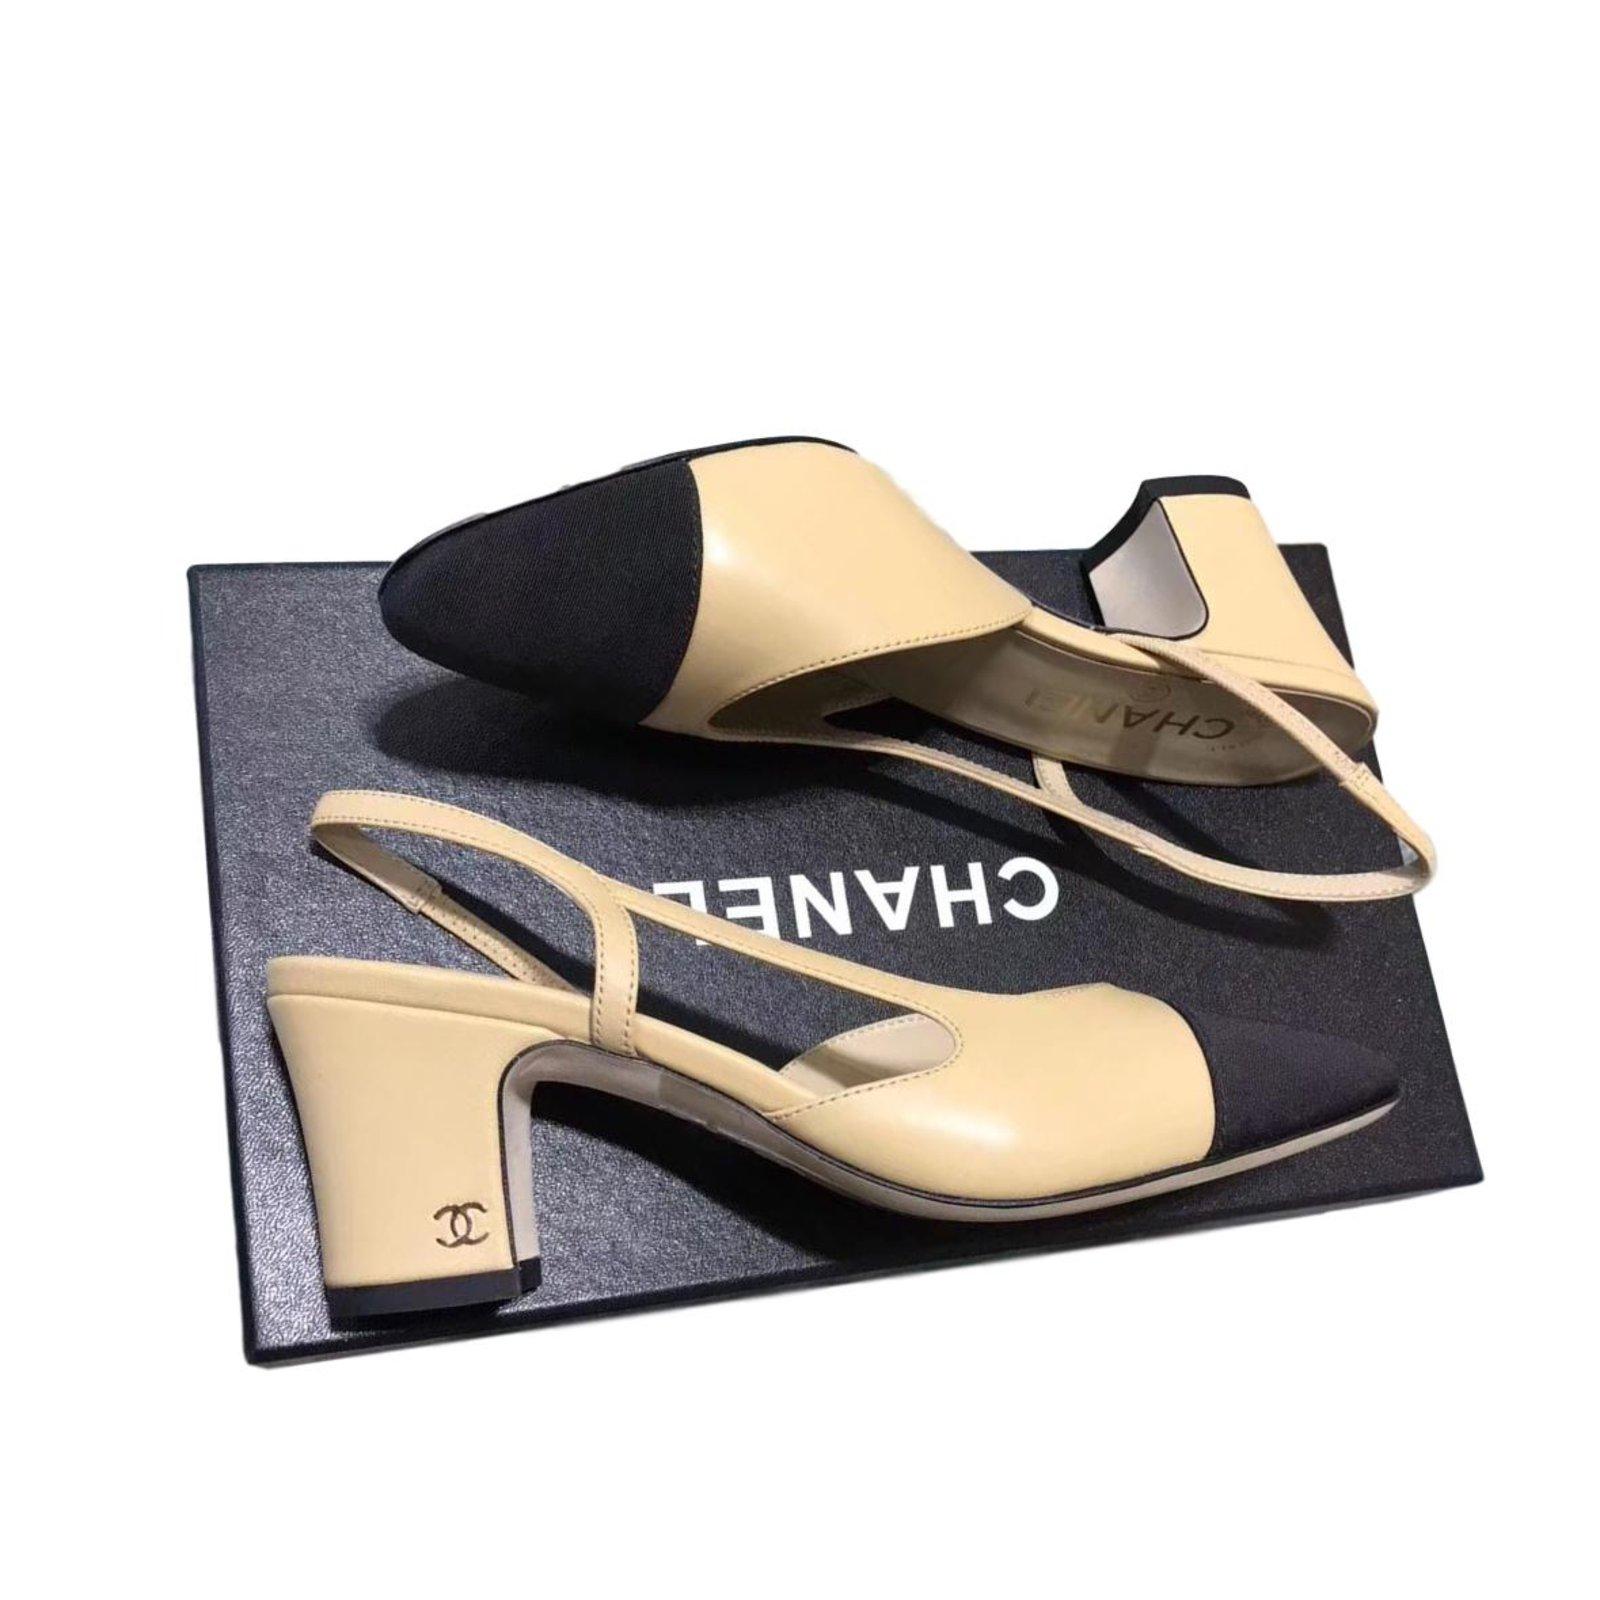 Chanel Slingback heels Heels Lambskin